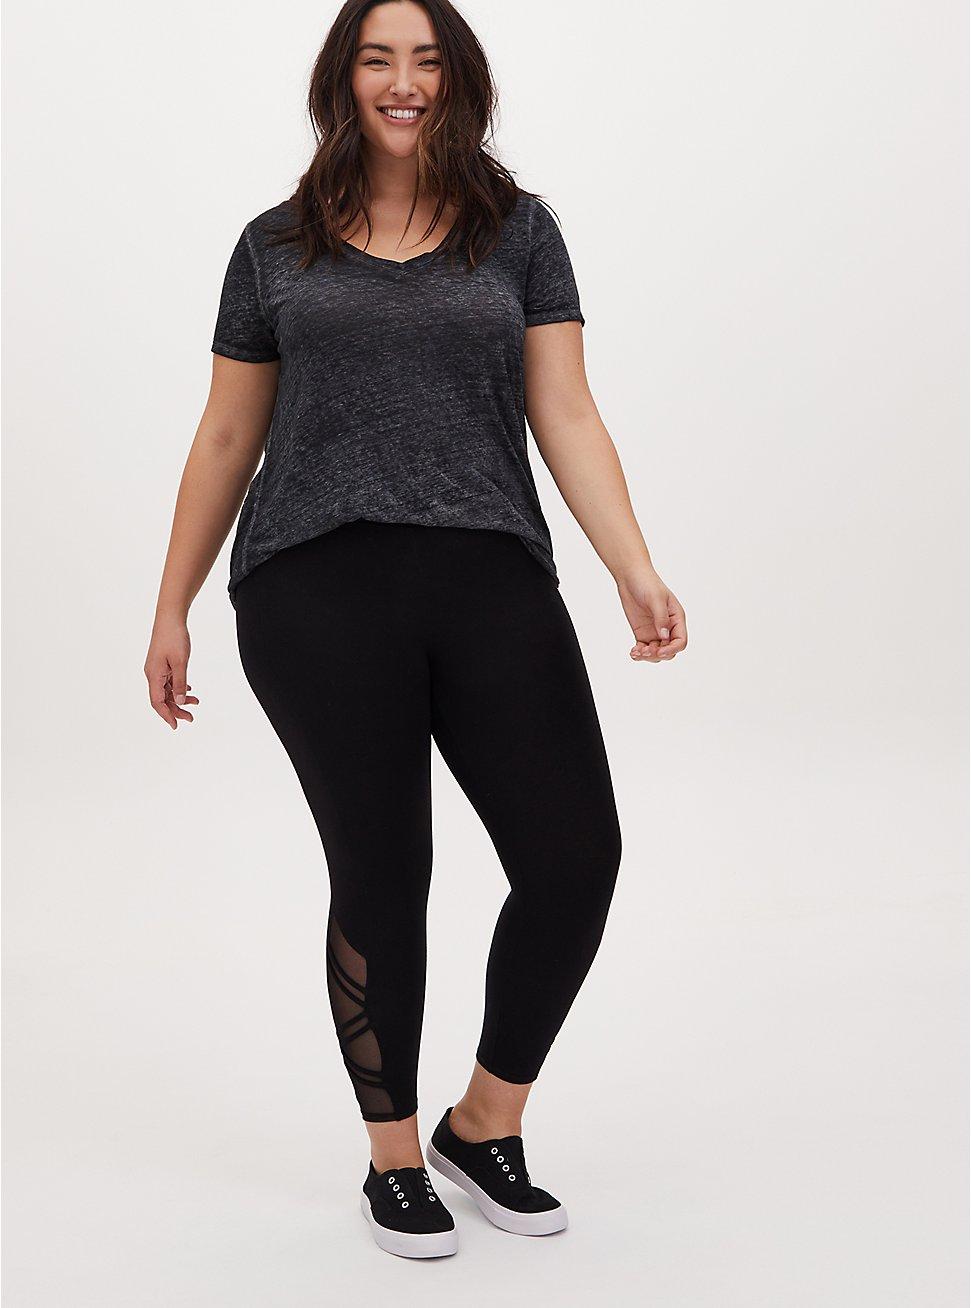 Crop Premium Legging - Strappy Angled Mesh Inset Black, BLACK, hi-res